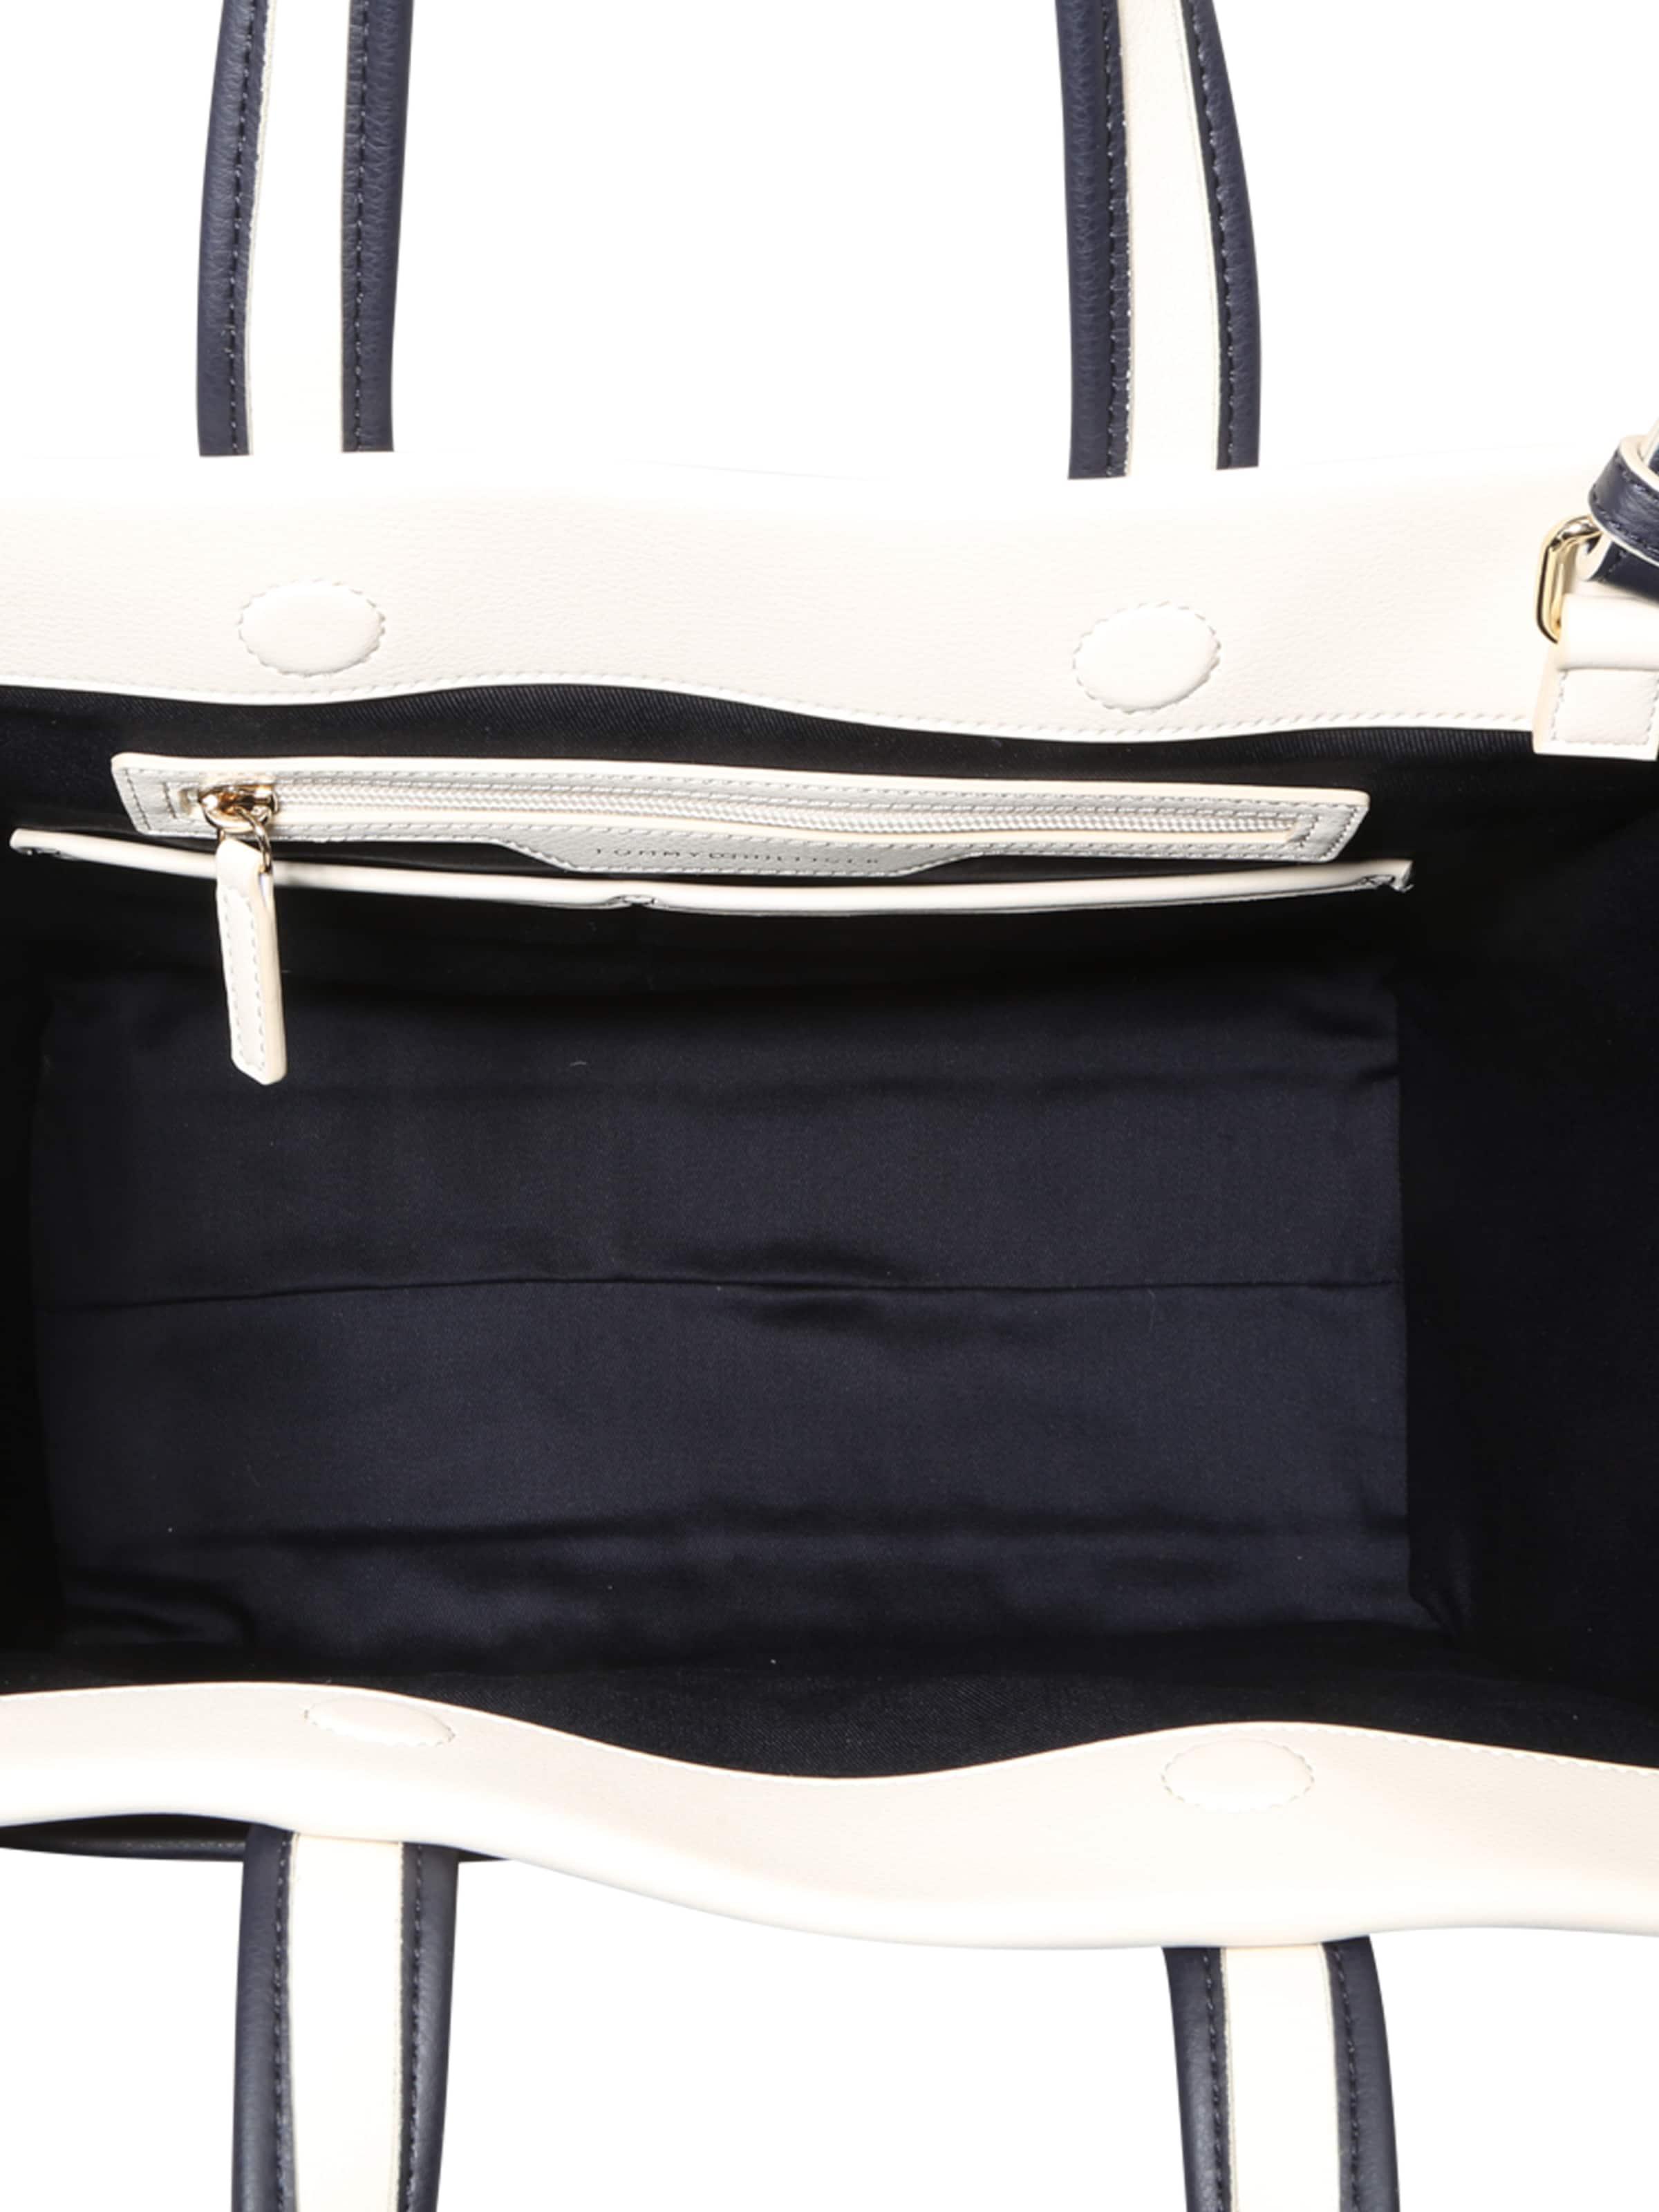 Spielraum Komfortabel TOMMY HILFIGER Shopper 'HERITAGE STARS & STRIPES' Hohe Qualität Günstiger Preis 100% Authentisch Günstiger Preis fN5R4